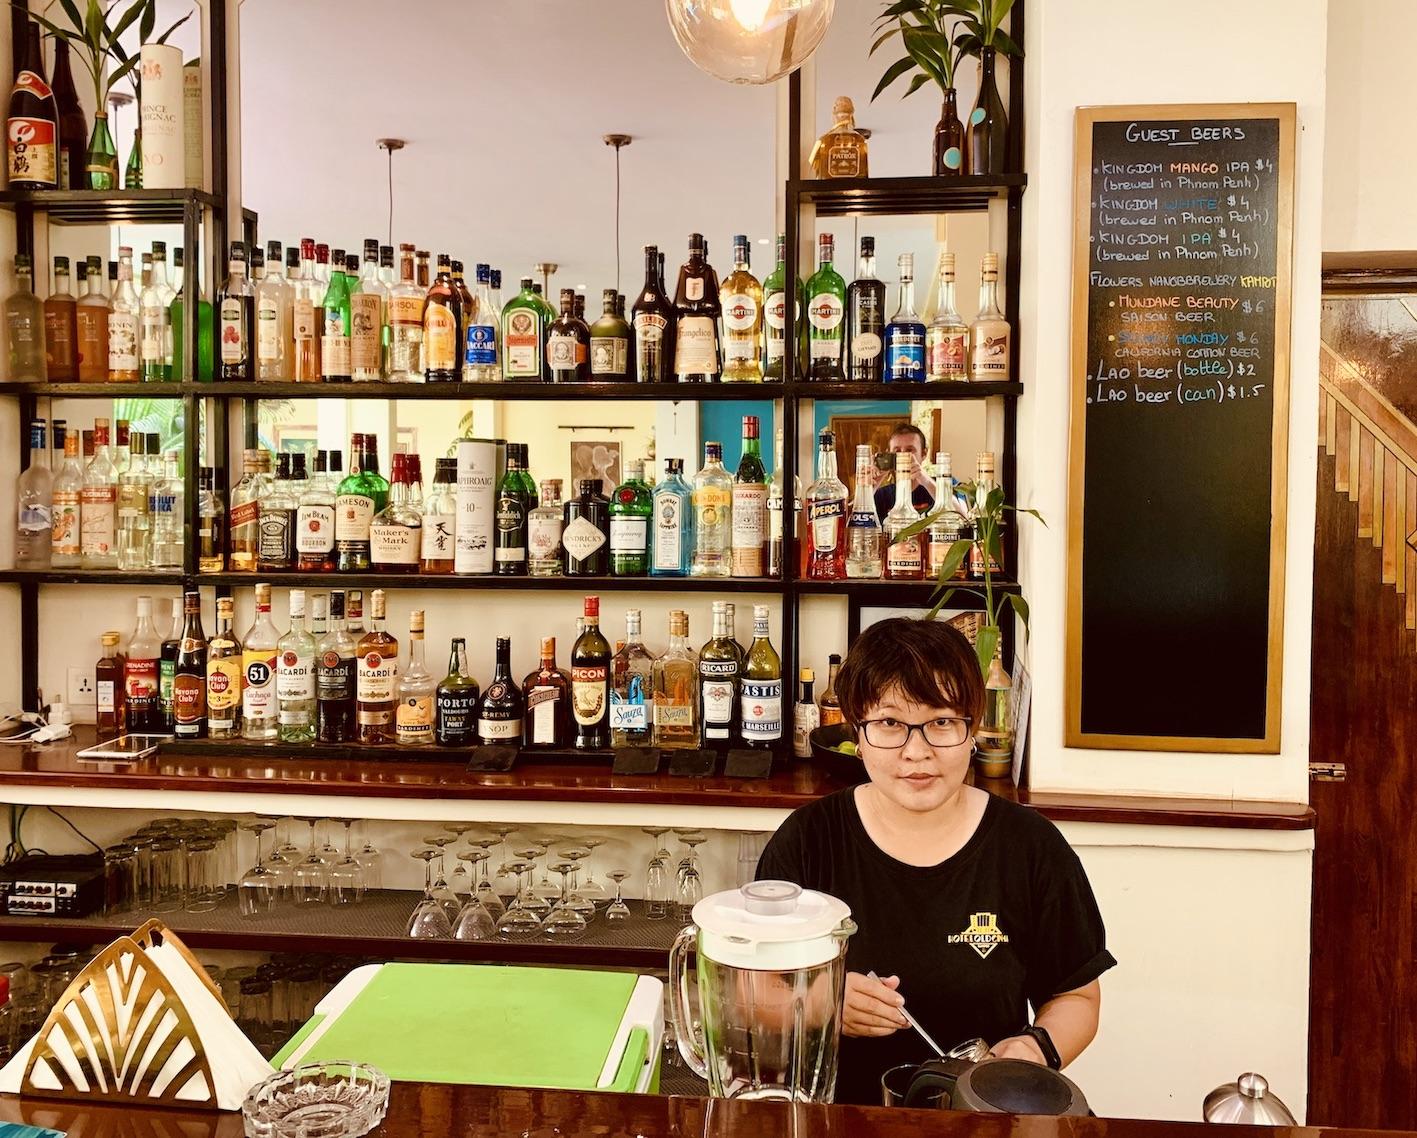 The bar at Hotel Old Cinema Kampot.